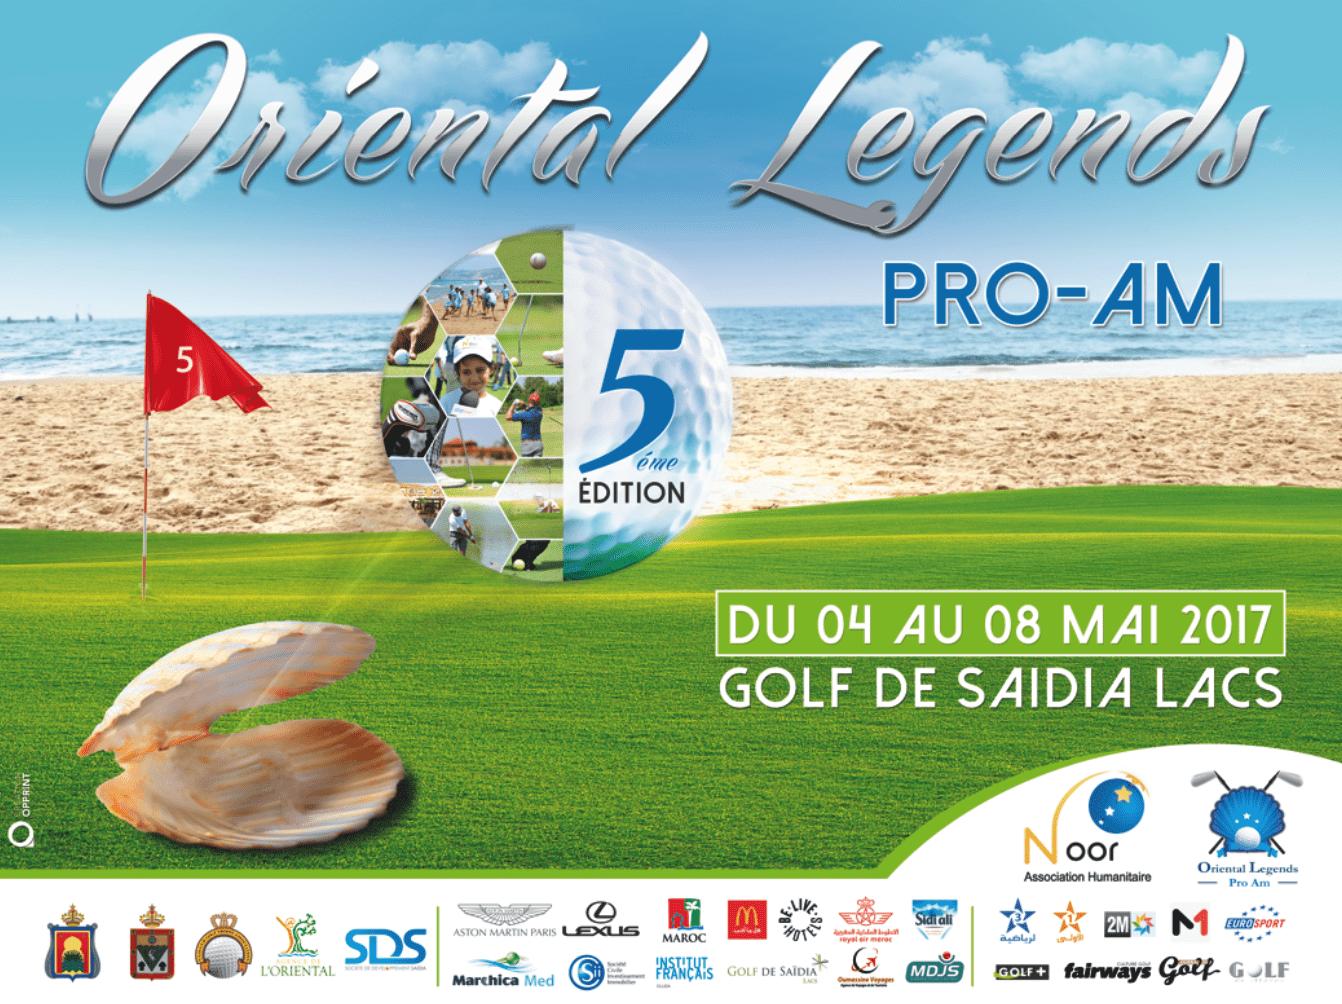 L'Oriental Legends Pro-AM revient au Golf de Saïdia